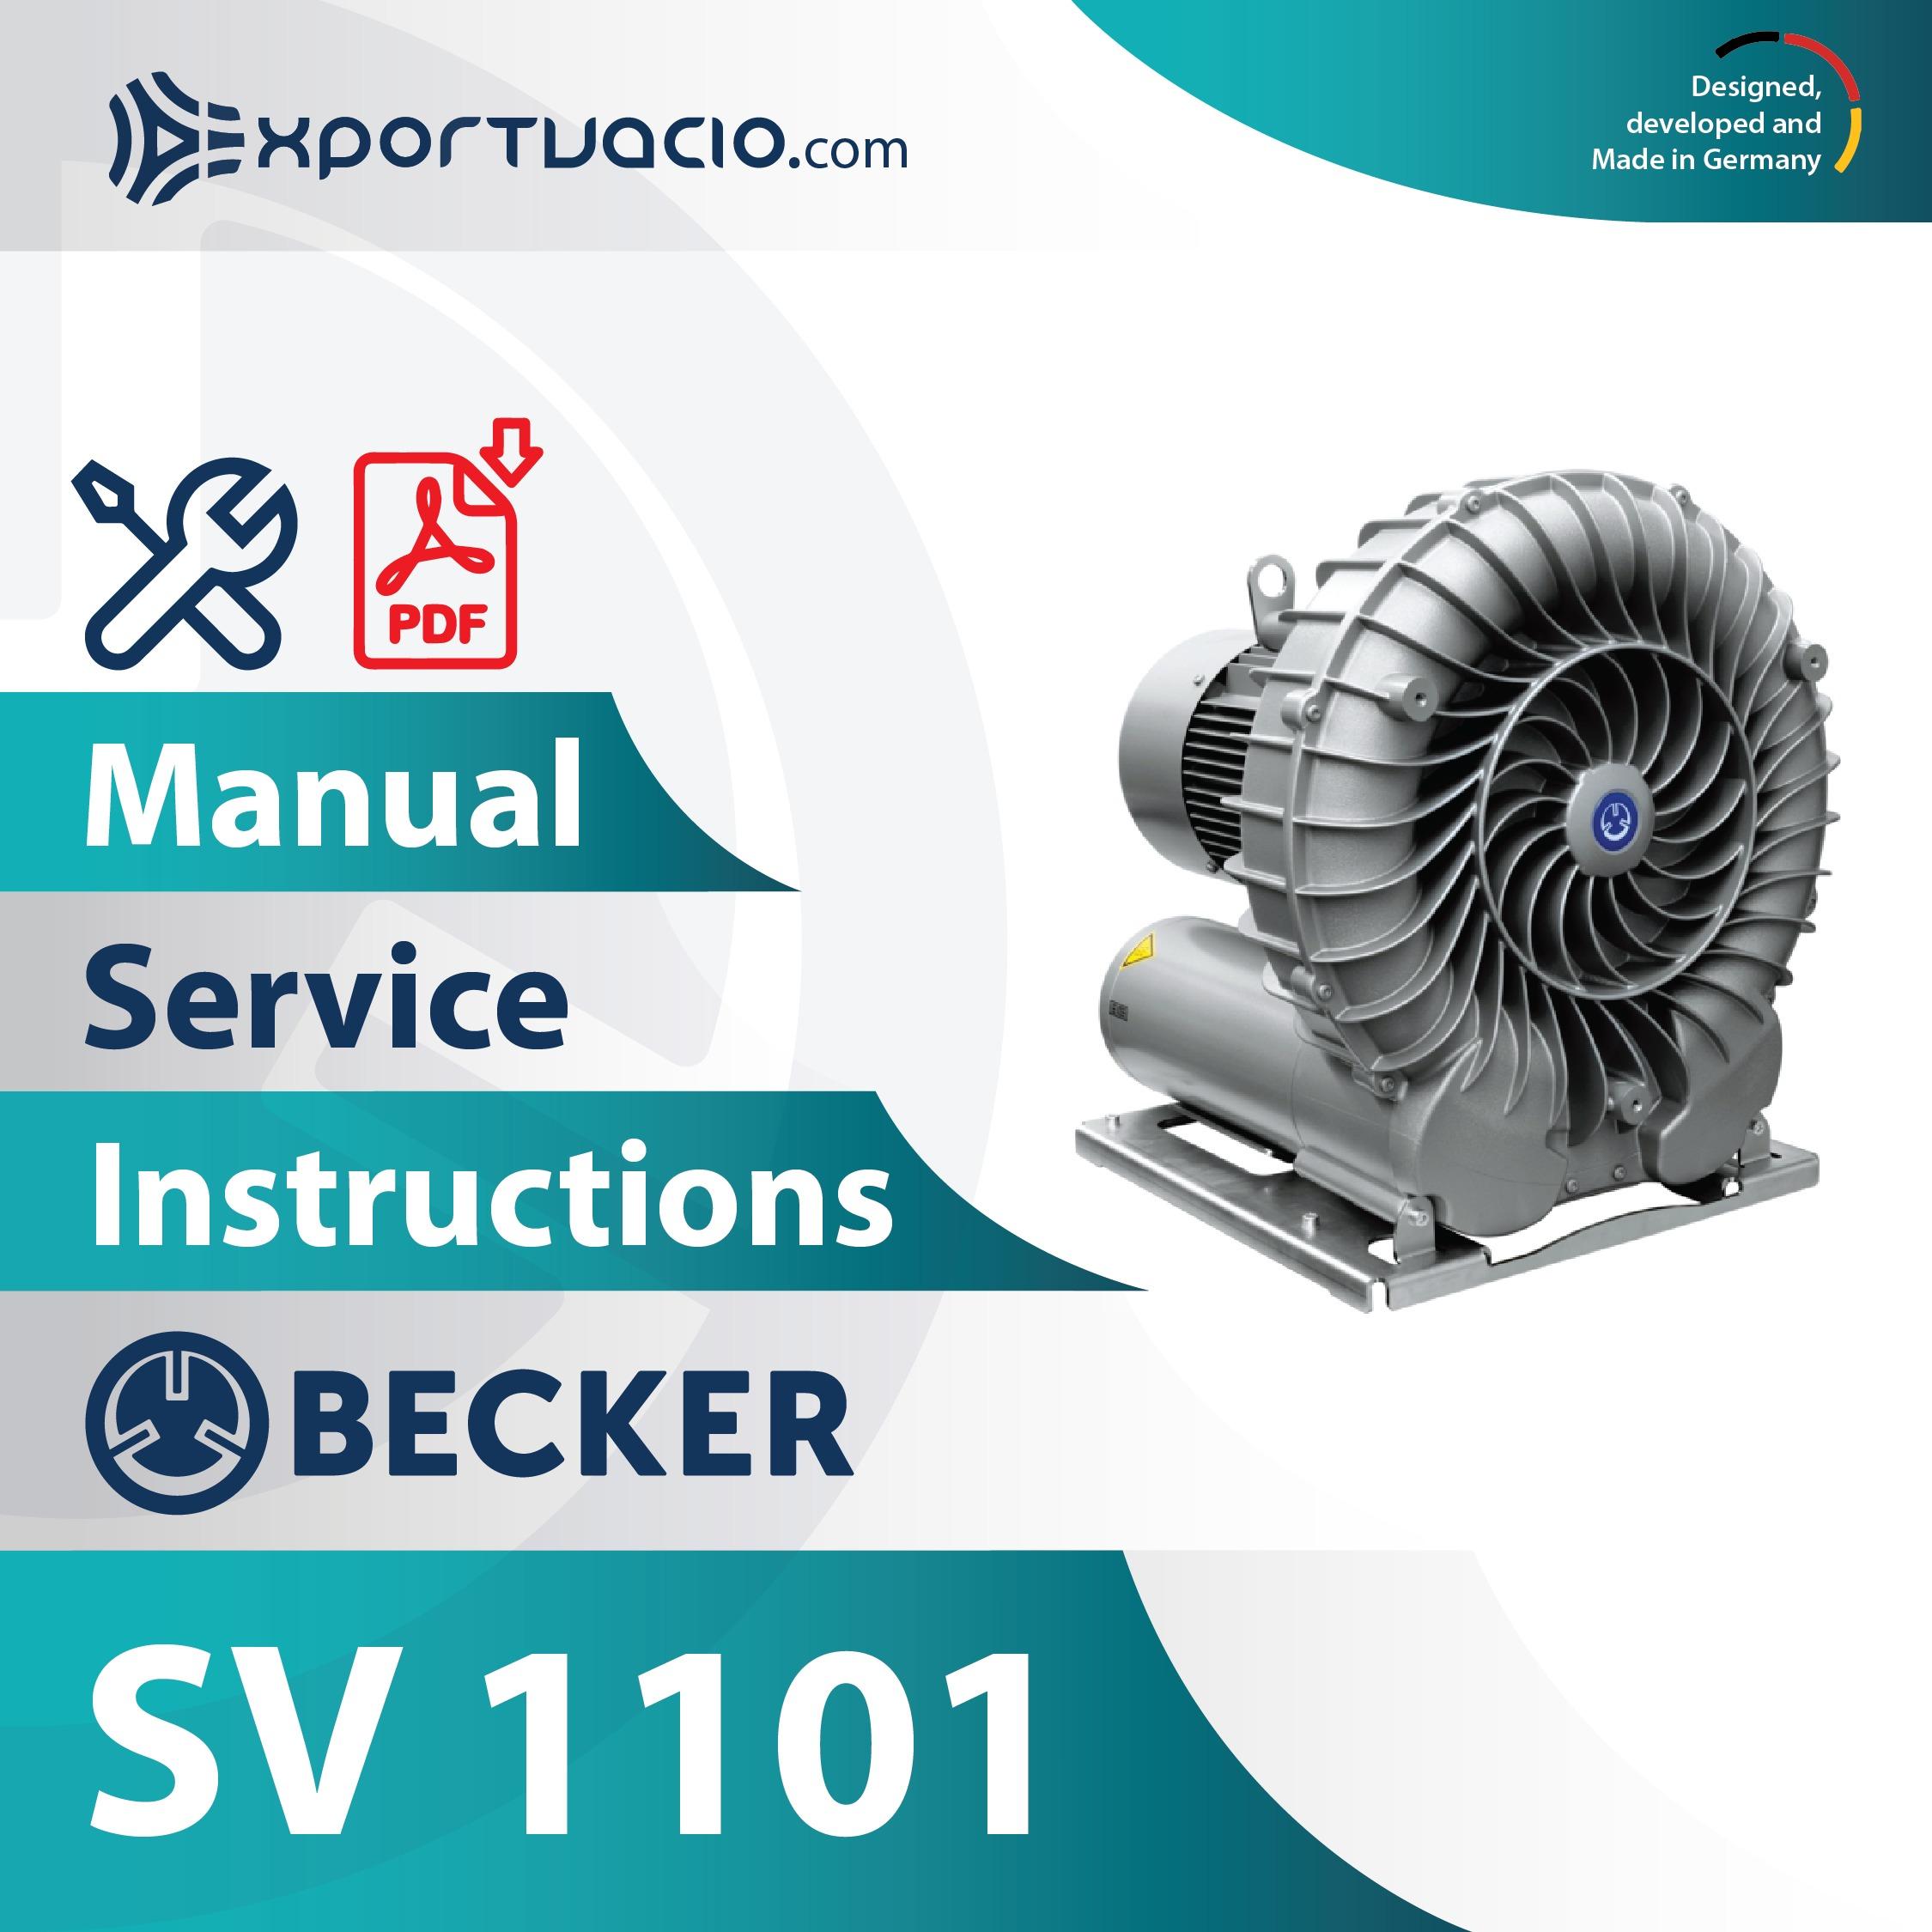 Becker SV 1101